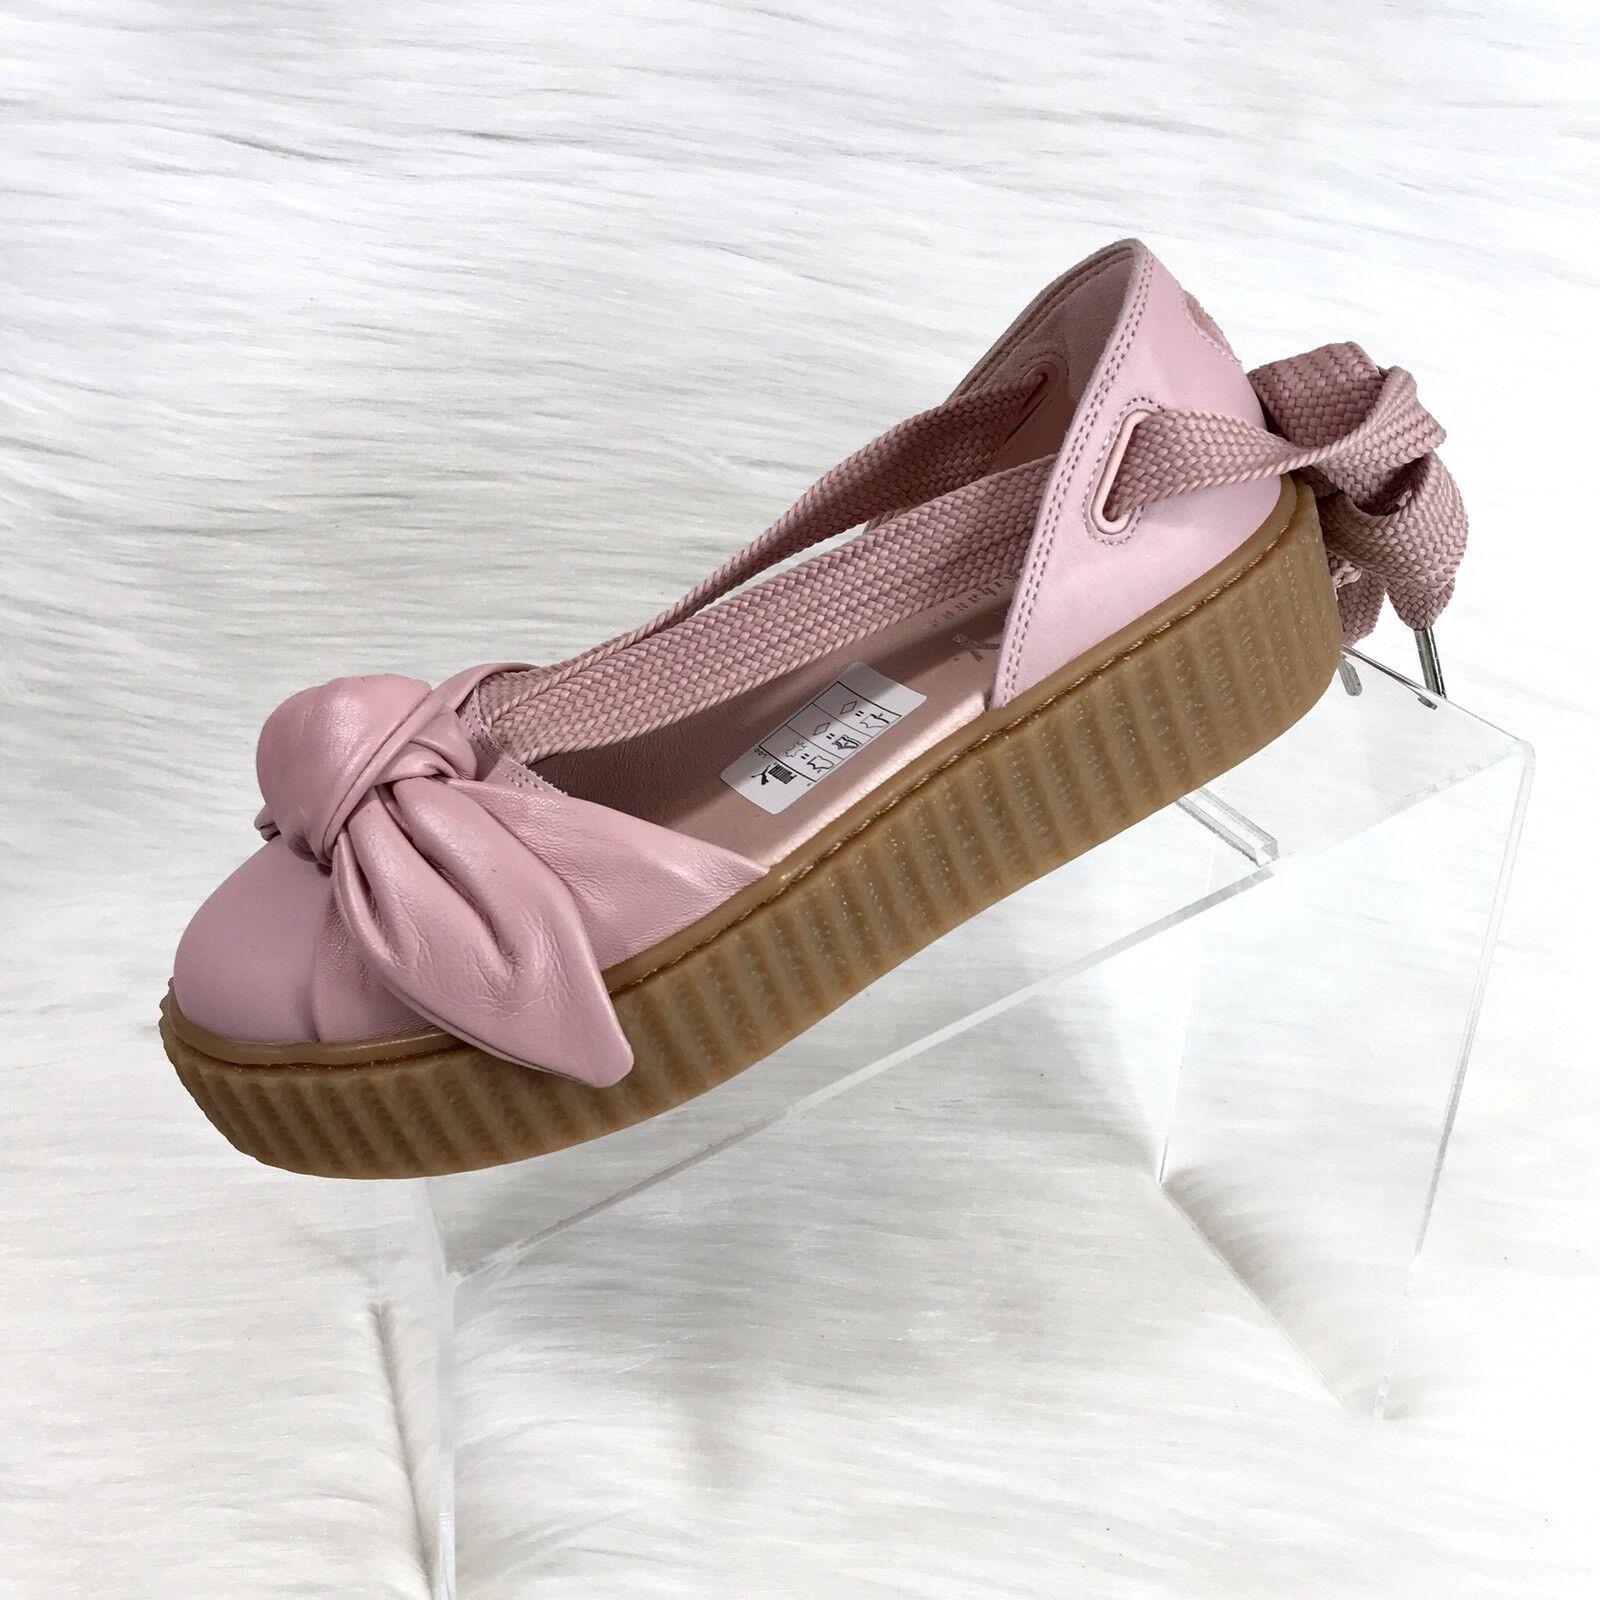 Rihanna fenty puma x sandali di pelle rosa creeper arco di dimensioni 7 nuovi